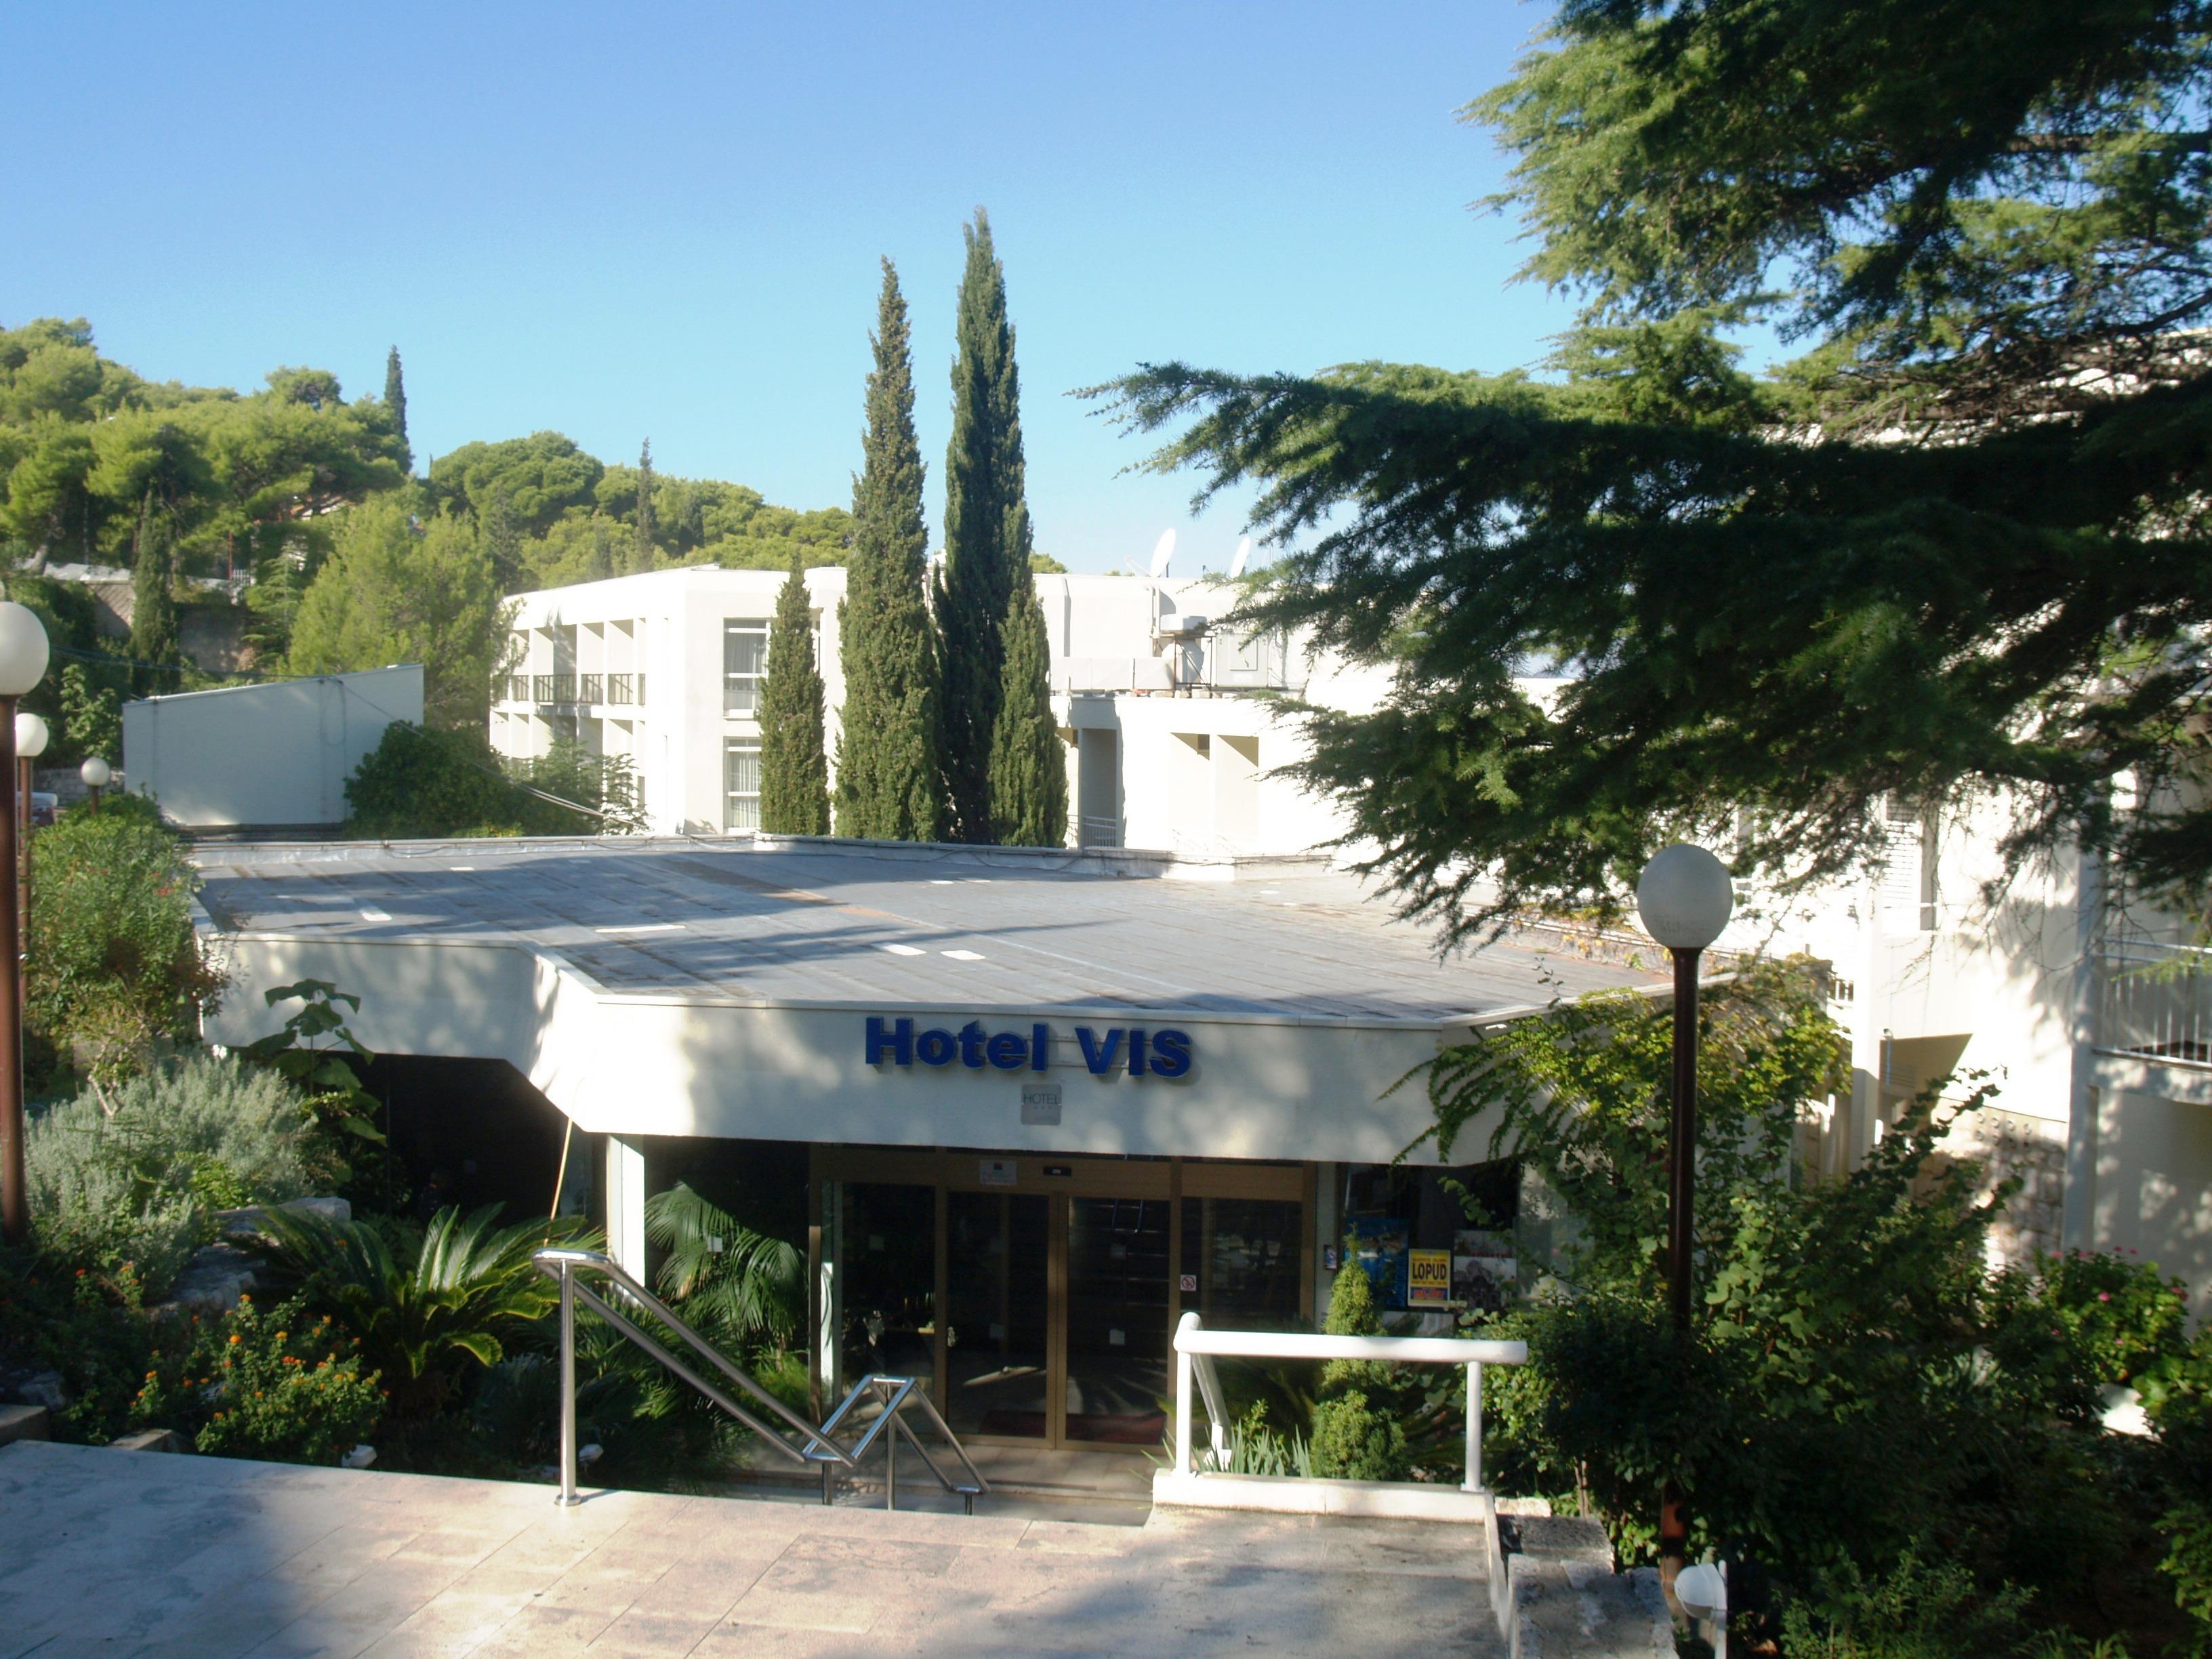 Hotel Vis, Dubrovnik 2